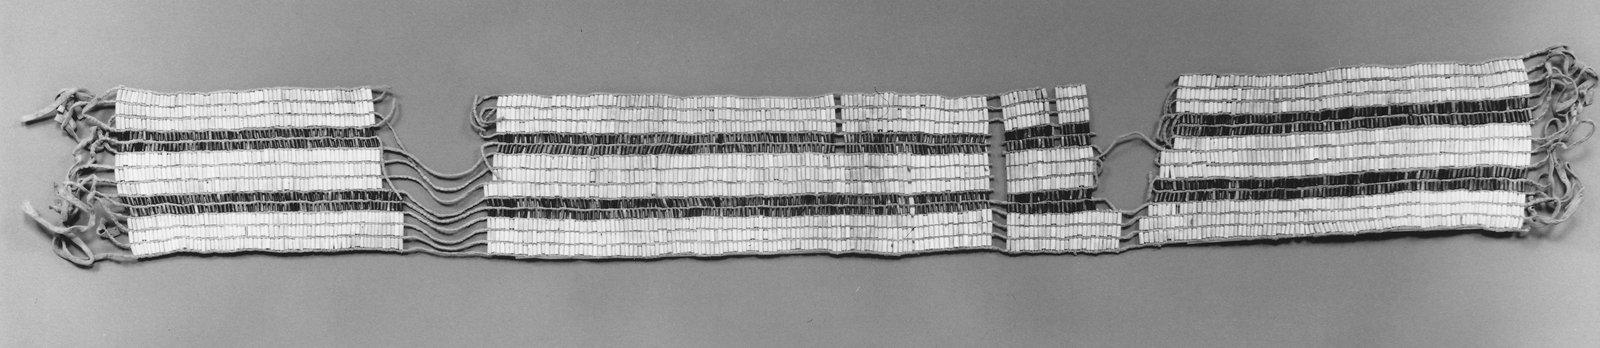 Two-Row Wampum Belt (Guswhenta or Kaswhenta)